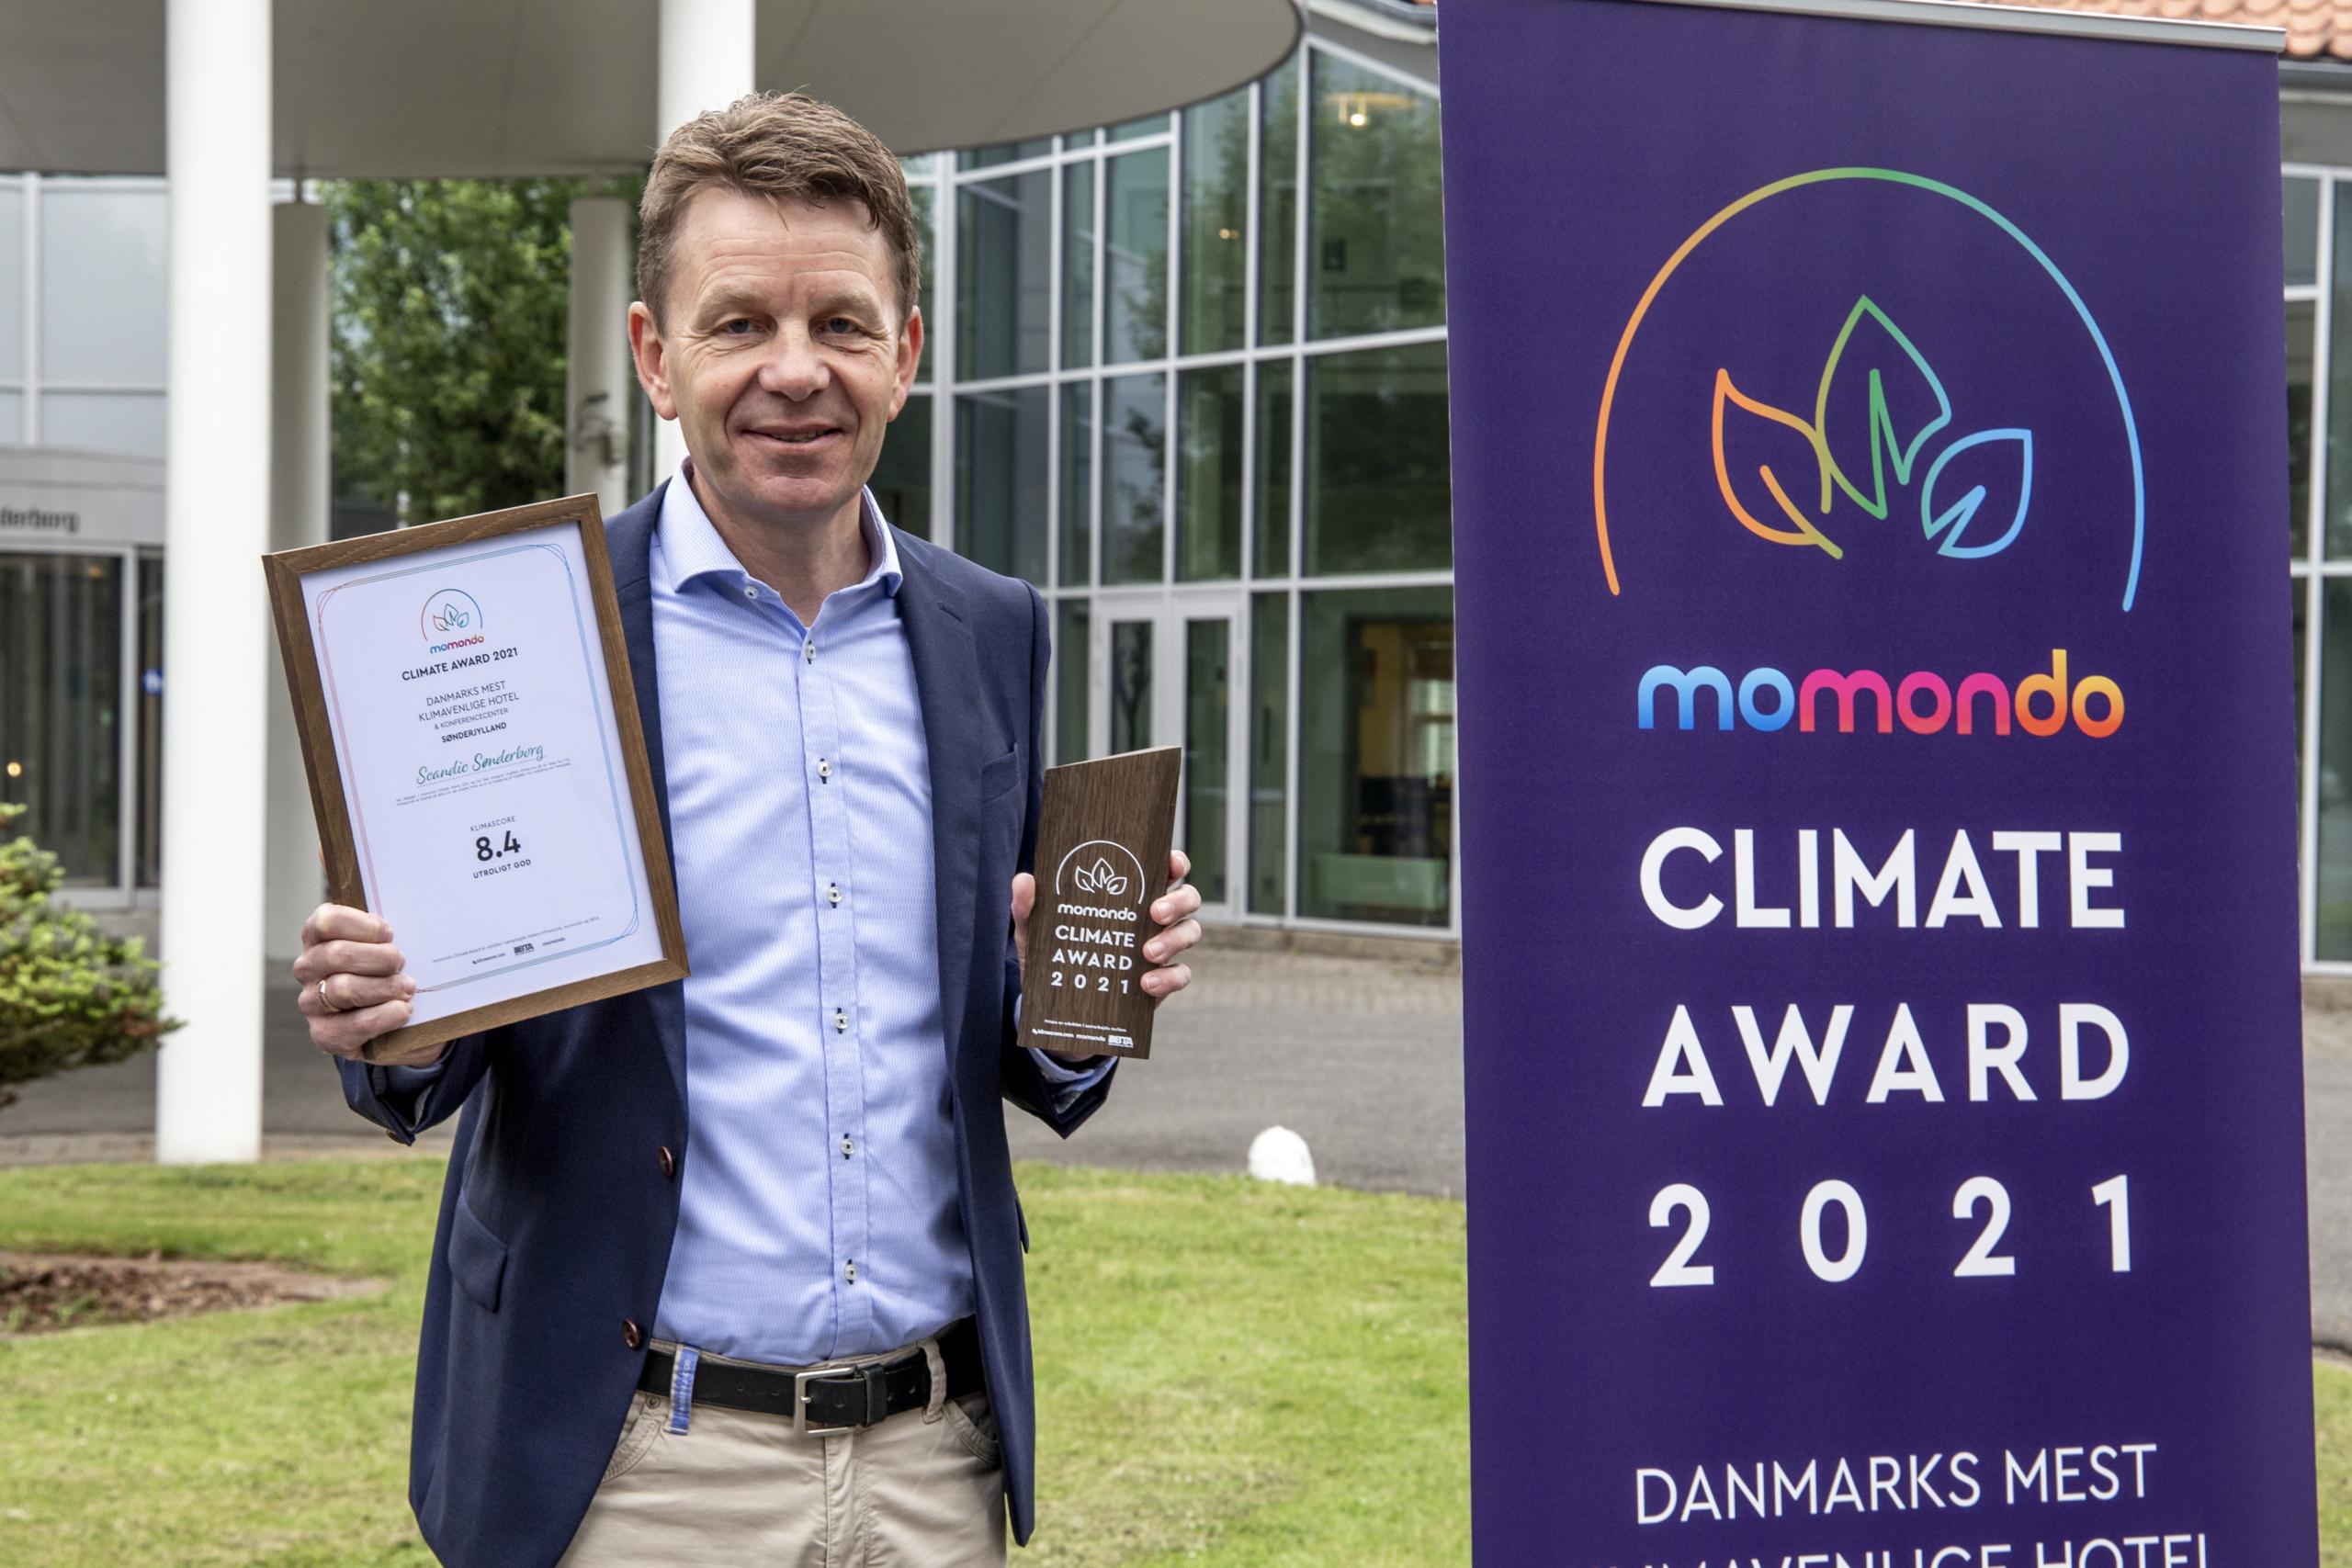 Scandic Soenderborg - vindere